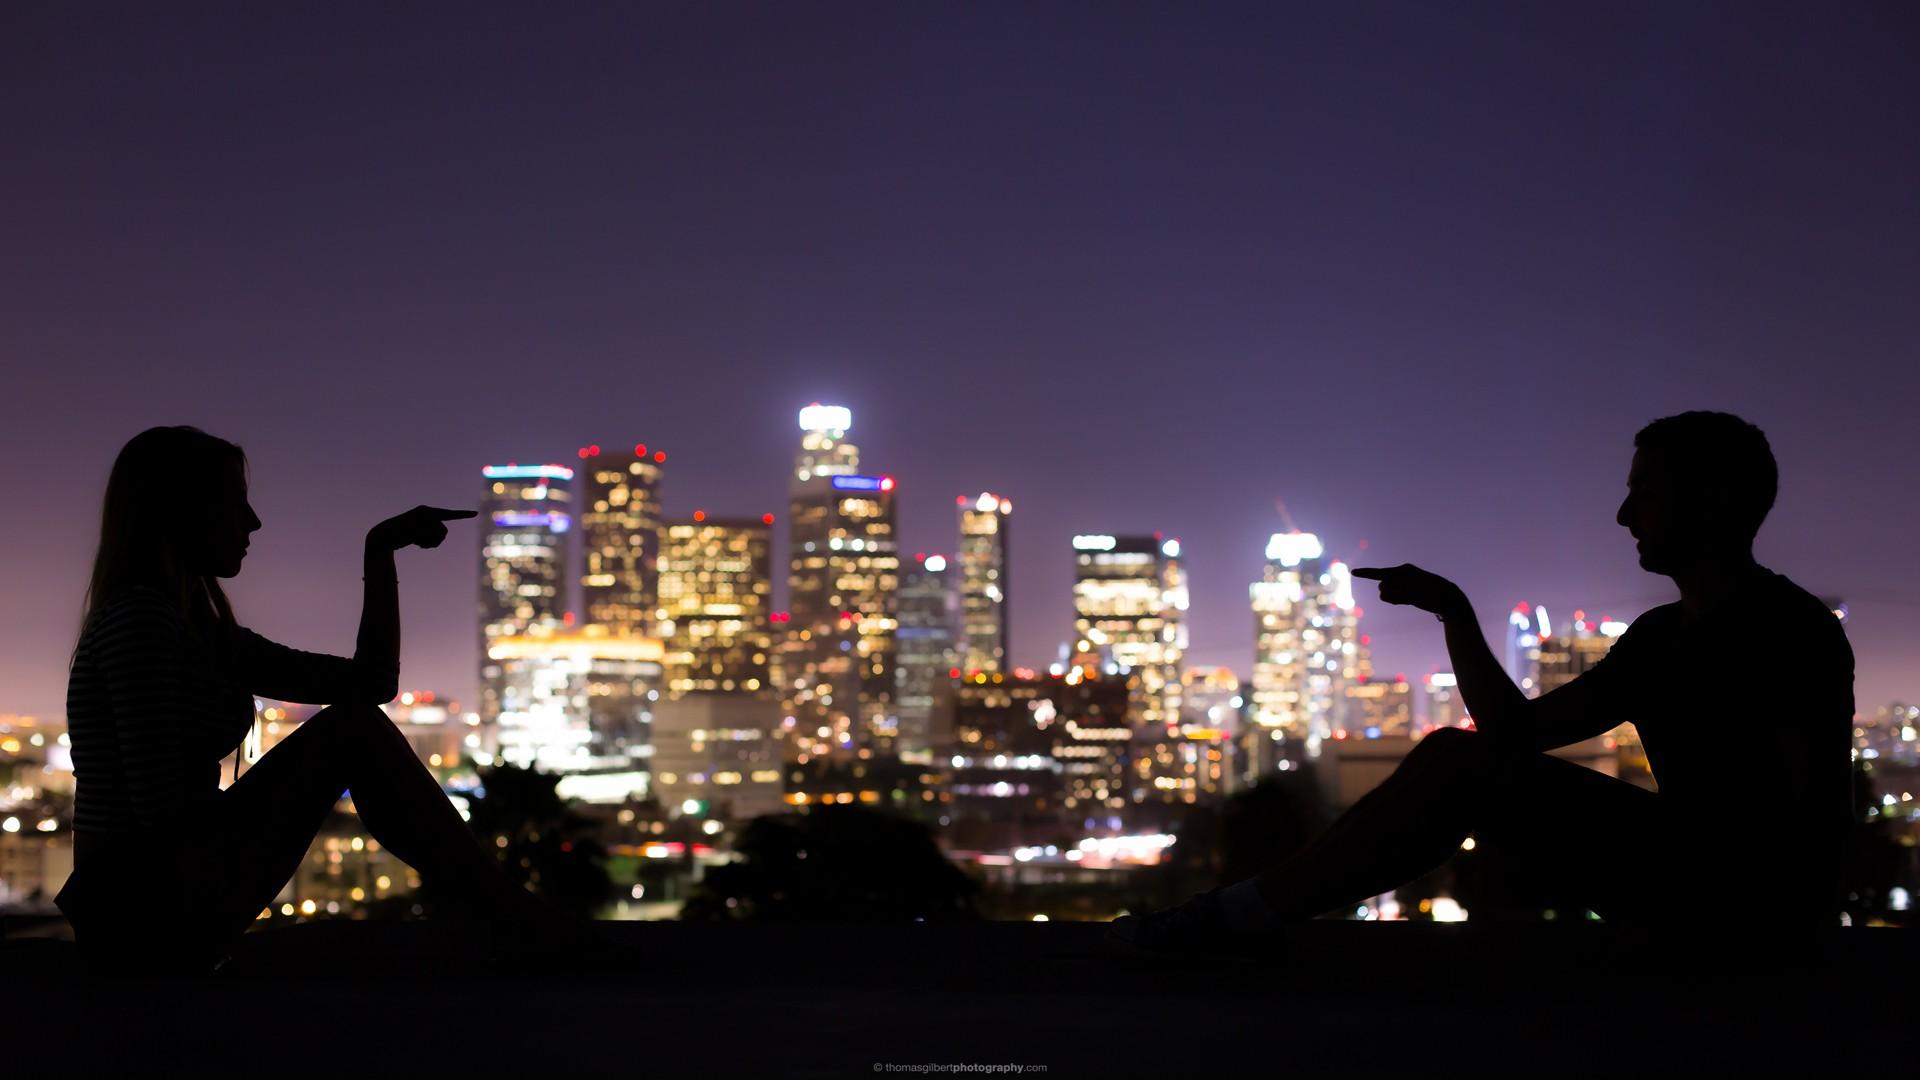 можно картинки человек на фоне ночного города сочная мякоть